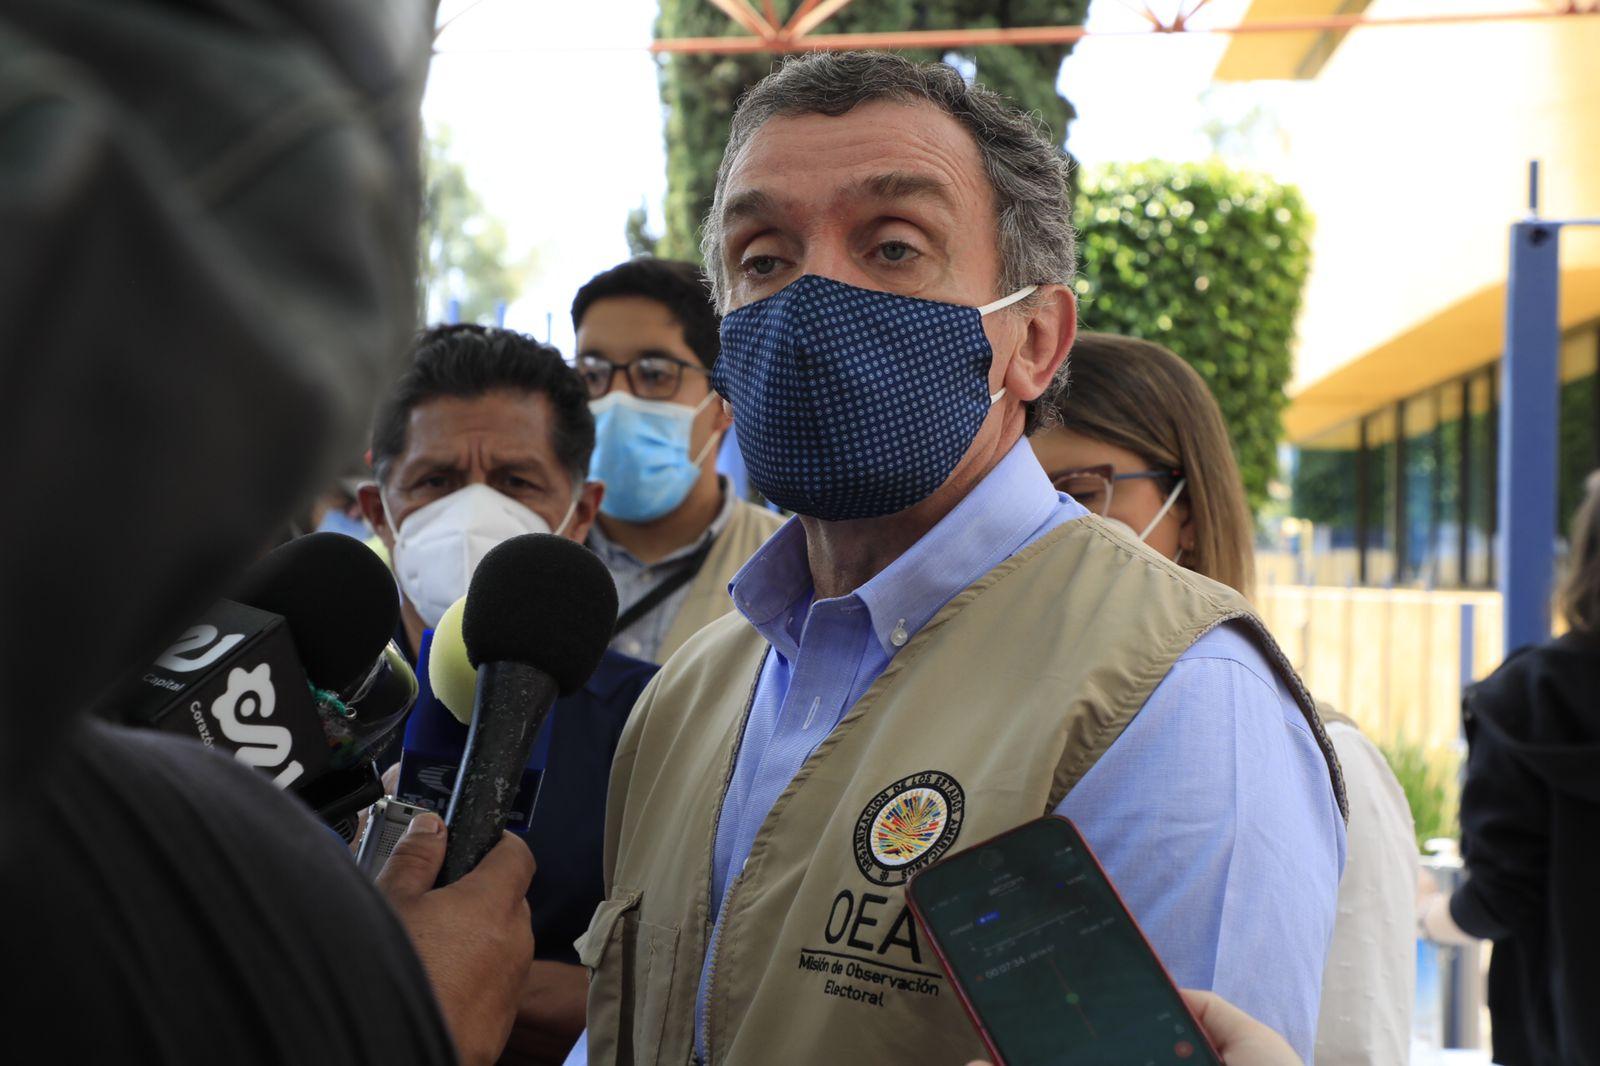 Foto de Santiago Cantón, jefe de misión de visitantes extranjeros de la OEA